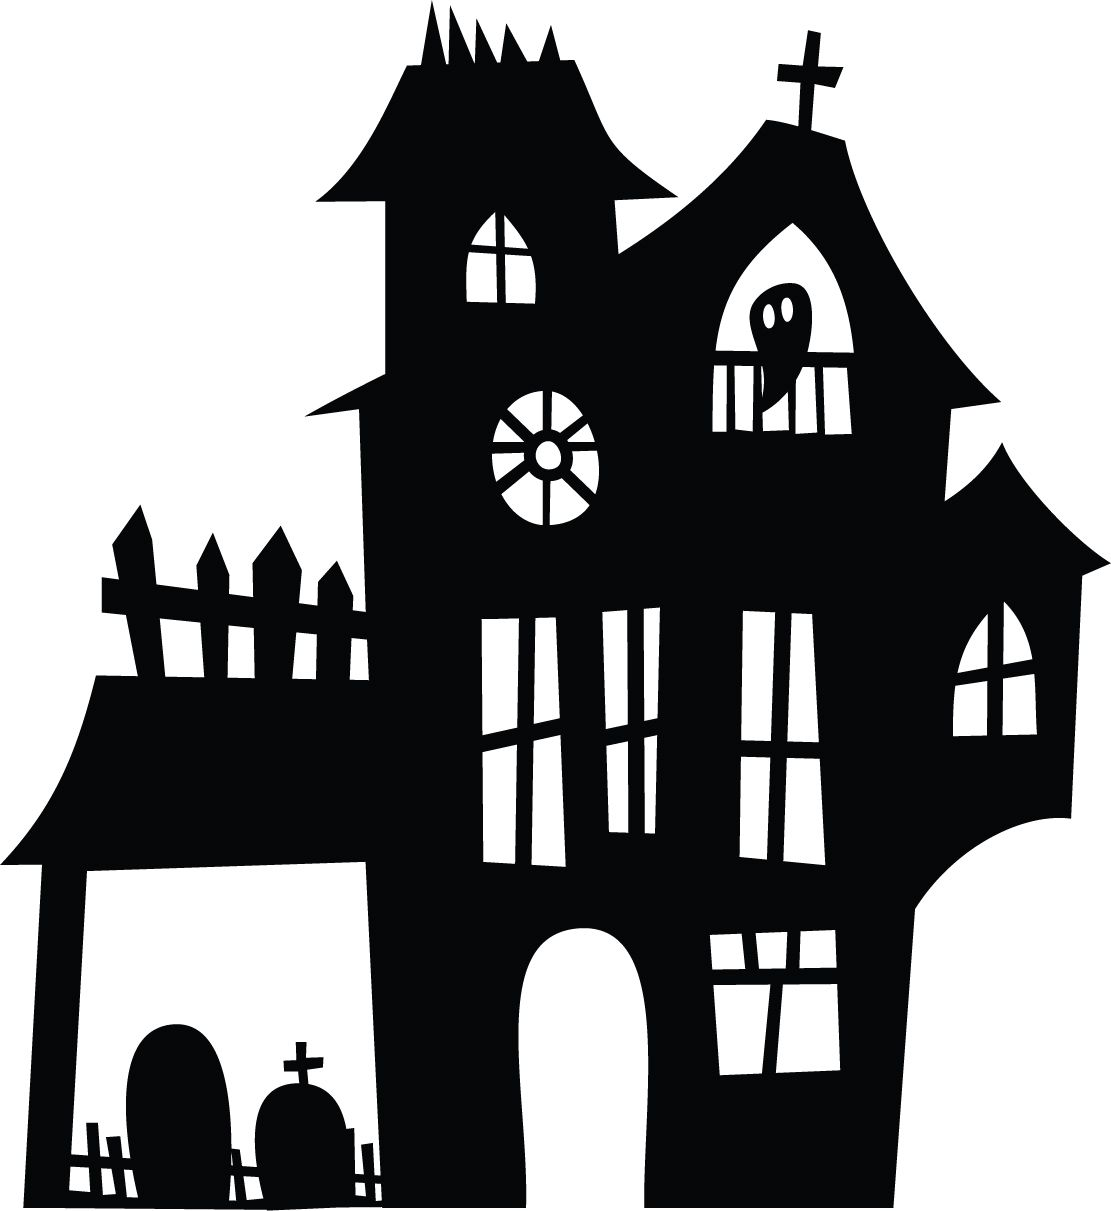 Originální samolepka Strašidelný dům Helloween 2 dle vašeho vlastního výběru Brno na auto zed nebo sklo